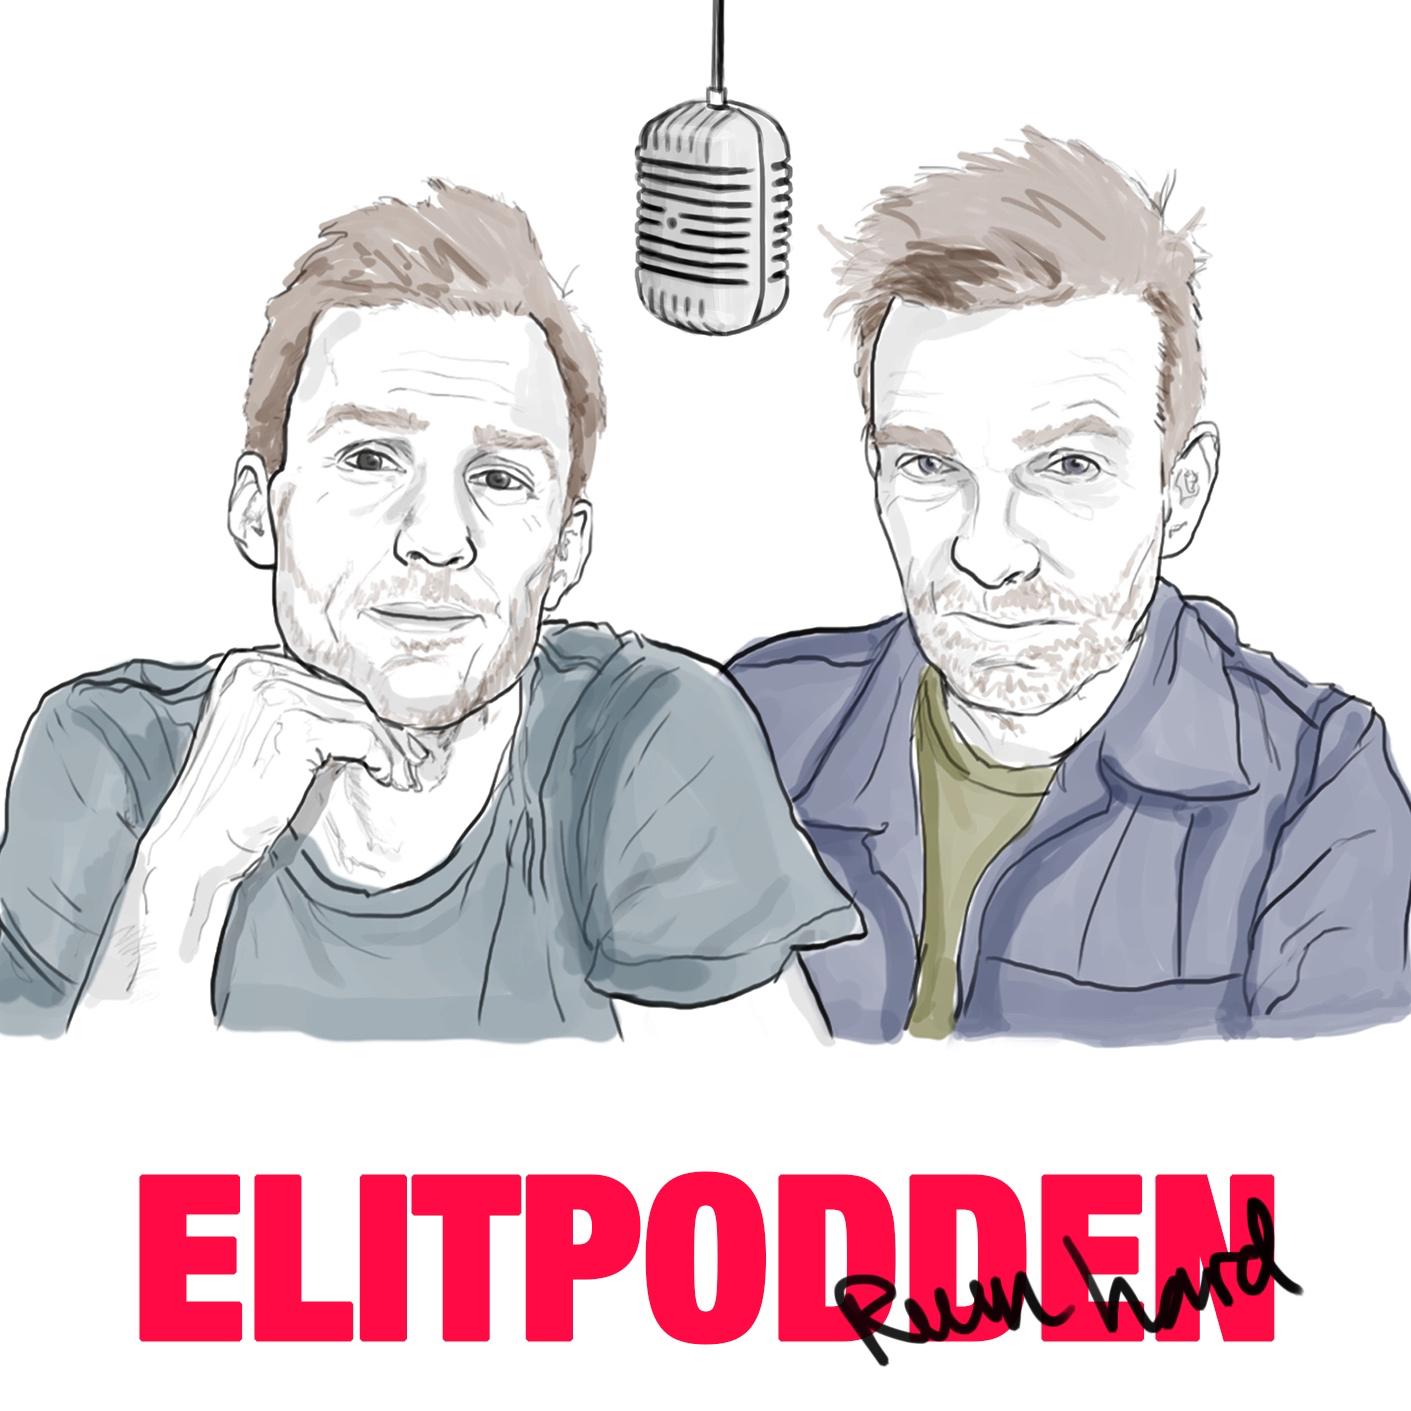 Elitpodden - Run hard